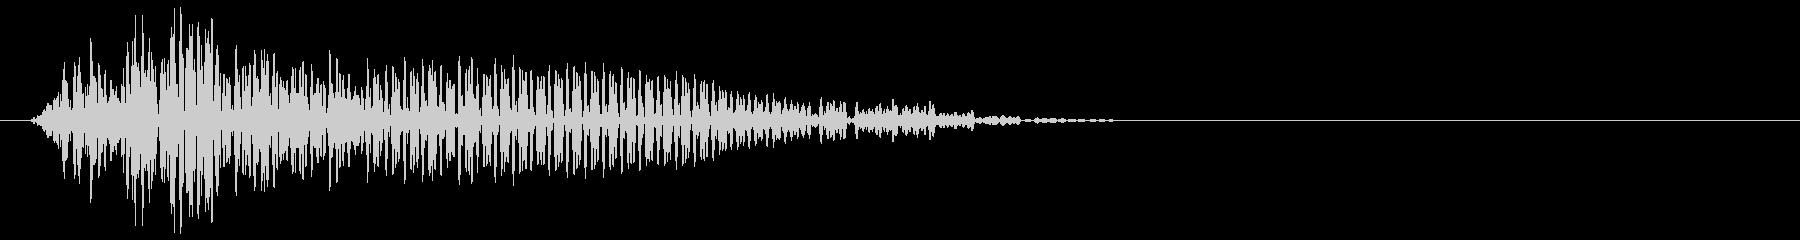 ゲーム掛け声ゾンビ1オー3の未再生の波形